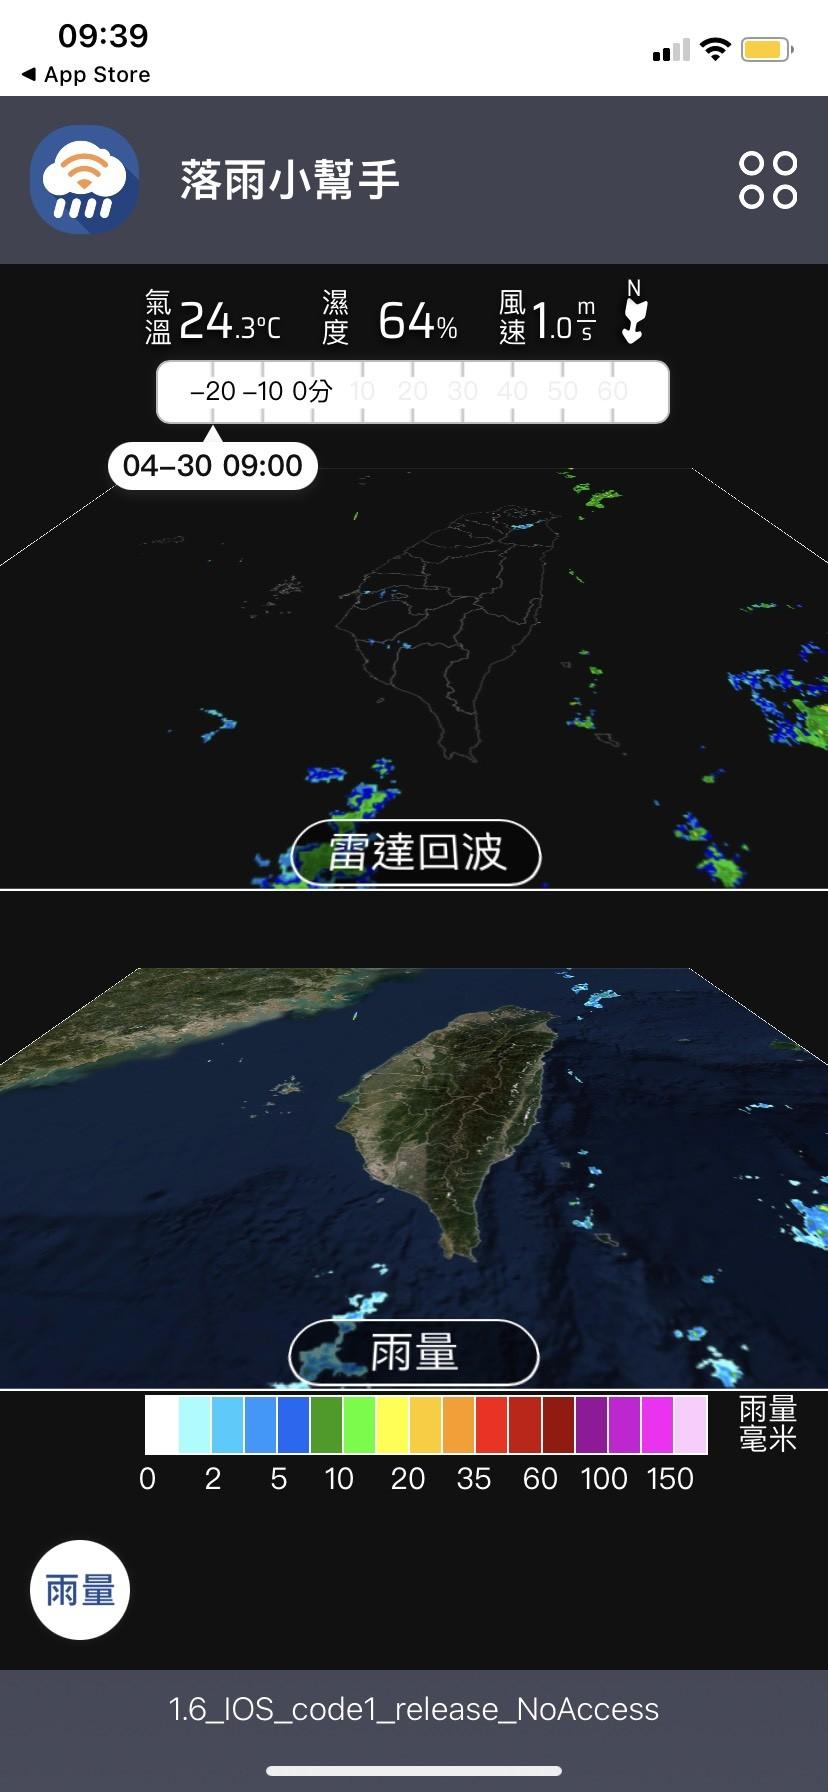 ▲「落雨小幫手」App可提供1小時內天氣資訊。(圖/翻攝自「落雨小幫手」App)